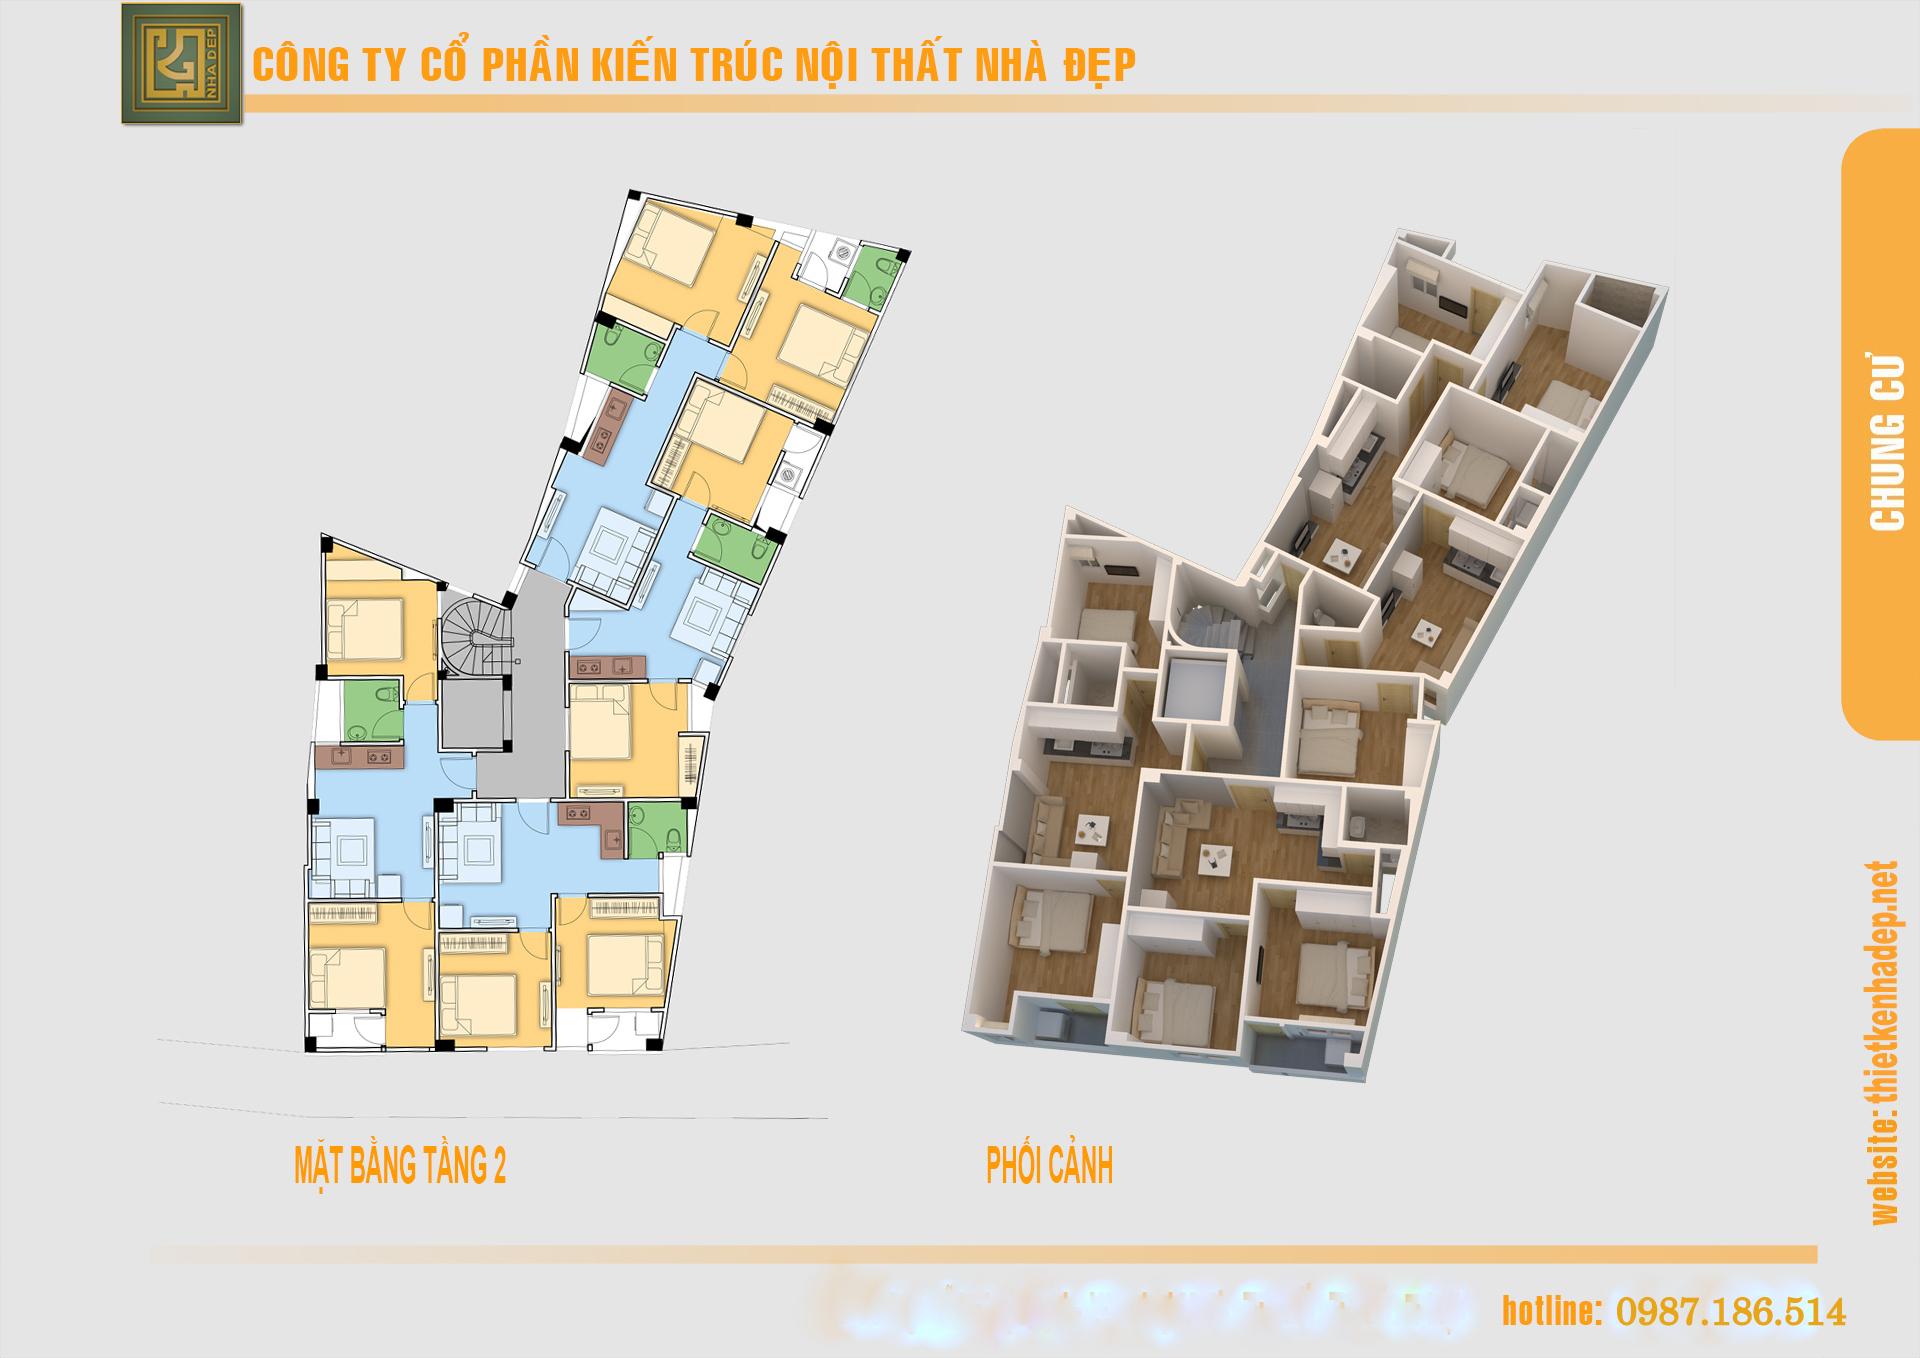 Mặt bằng tổng thể căn hộ